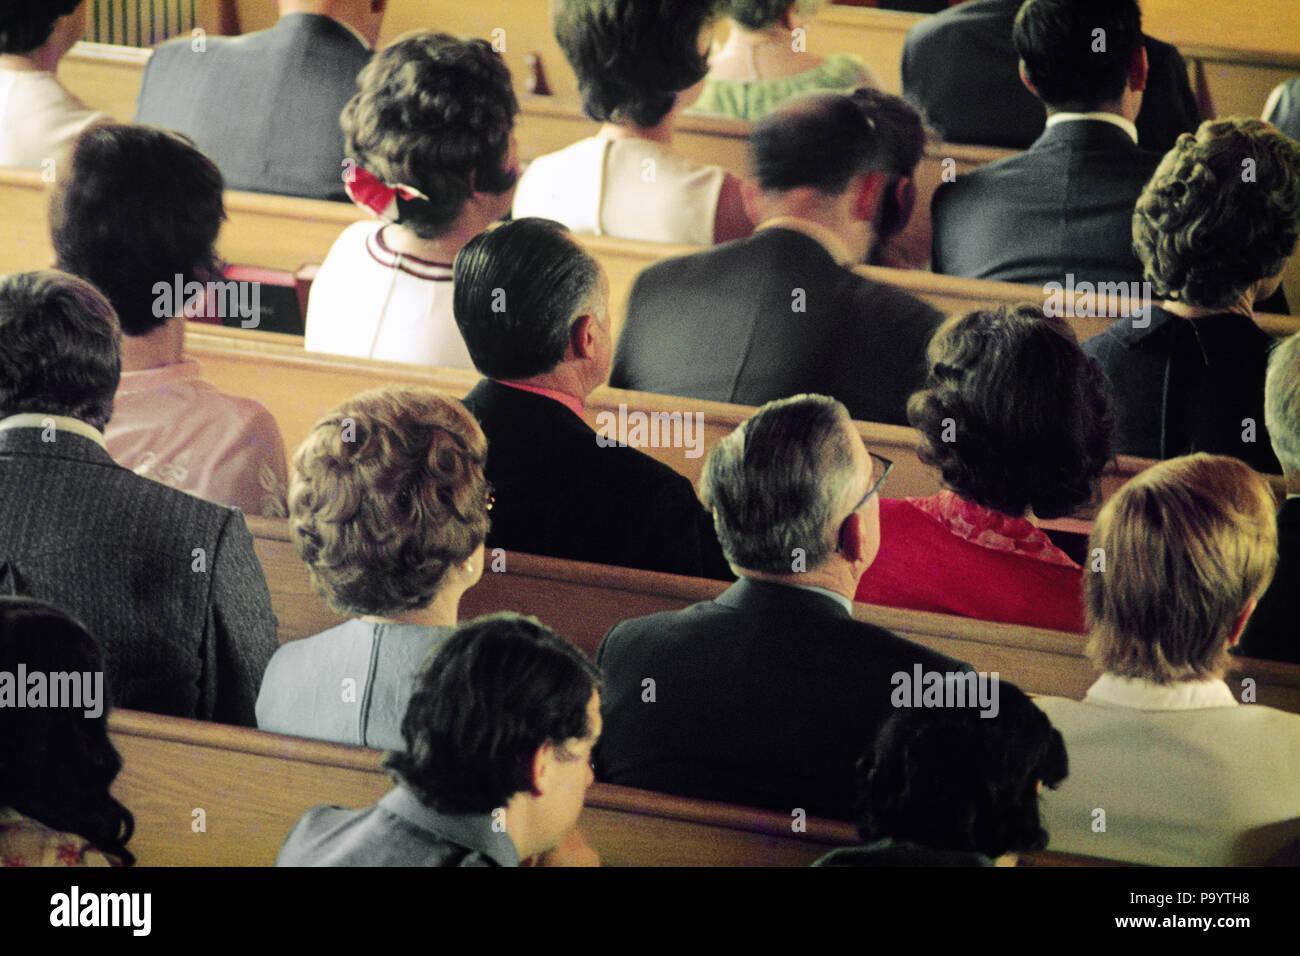 Des années 1980, LES HOMMES ET LES FEMMES ADULTES gens assis dans bancs d'église - KC002 JAC6573 PERSONNES HARS INSPIRATION s'asseoir les hommes la liberté spiritualité chrétienne CONGRÉGATION BONHEUR TÊTE ET ÉPAULES HIGH ANGLE FORCE RELIGIEUSE ET DE L'ATTENTION LE CHRISTIANISME CHOIX VUE ARRIÈRE PUISSANTE AUTORITÉ DANS LE CADRE DE BANCS D'CROYANT FIDÈLE VUE ARRIÈRE RÉTROVISEURS PEW HISPANIC ATTENTIVE Solidarité Protestante à l'ANCIENNE L'ORIGINE ETHNIQUE Photo Stock